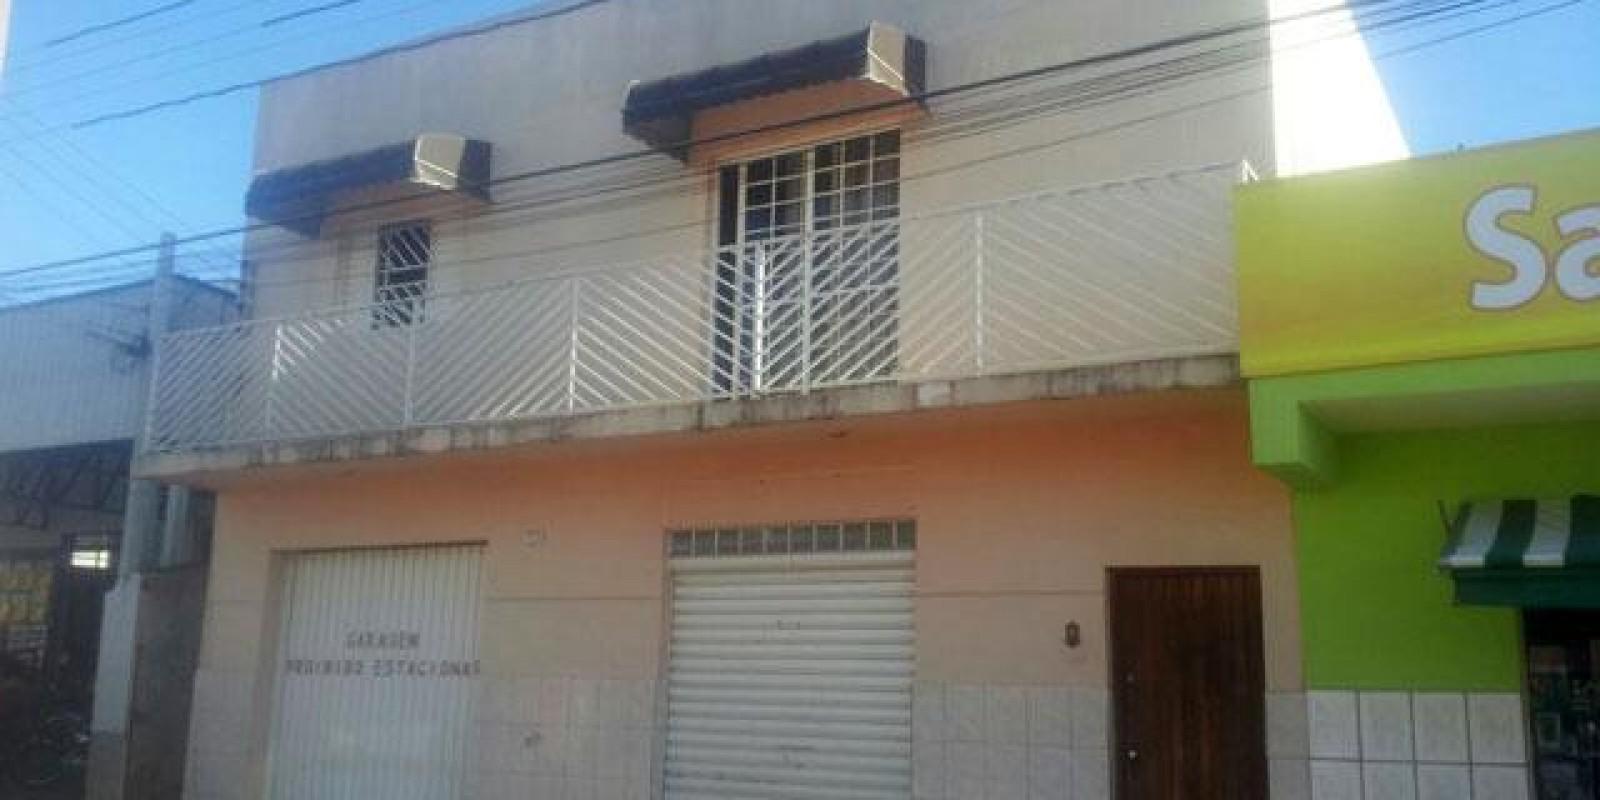 Casa e Área Comercia na Rua Félix Fagundes em Avaré SP - Foto 1 de 1